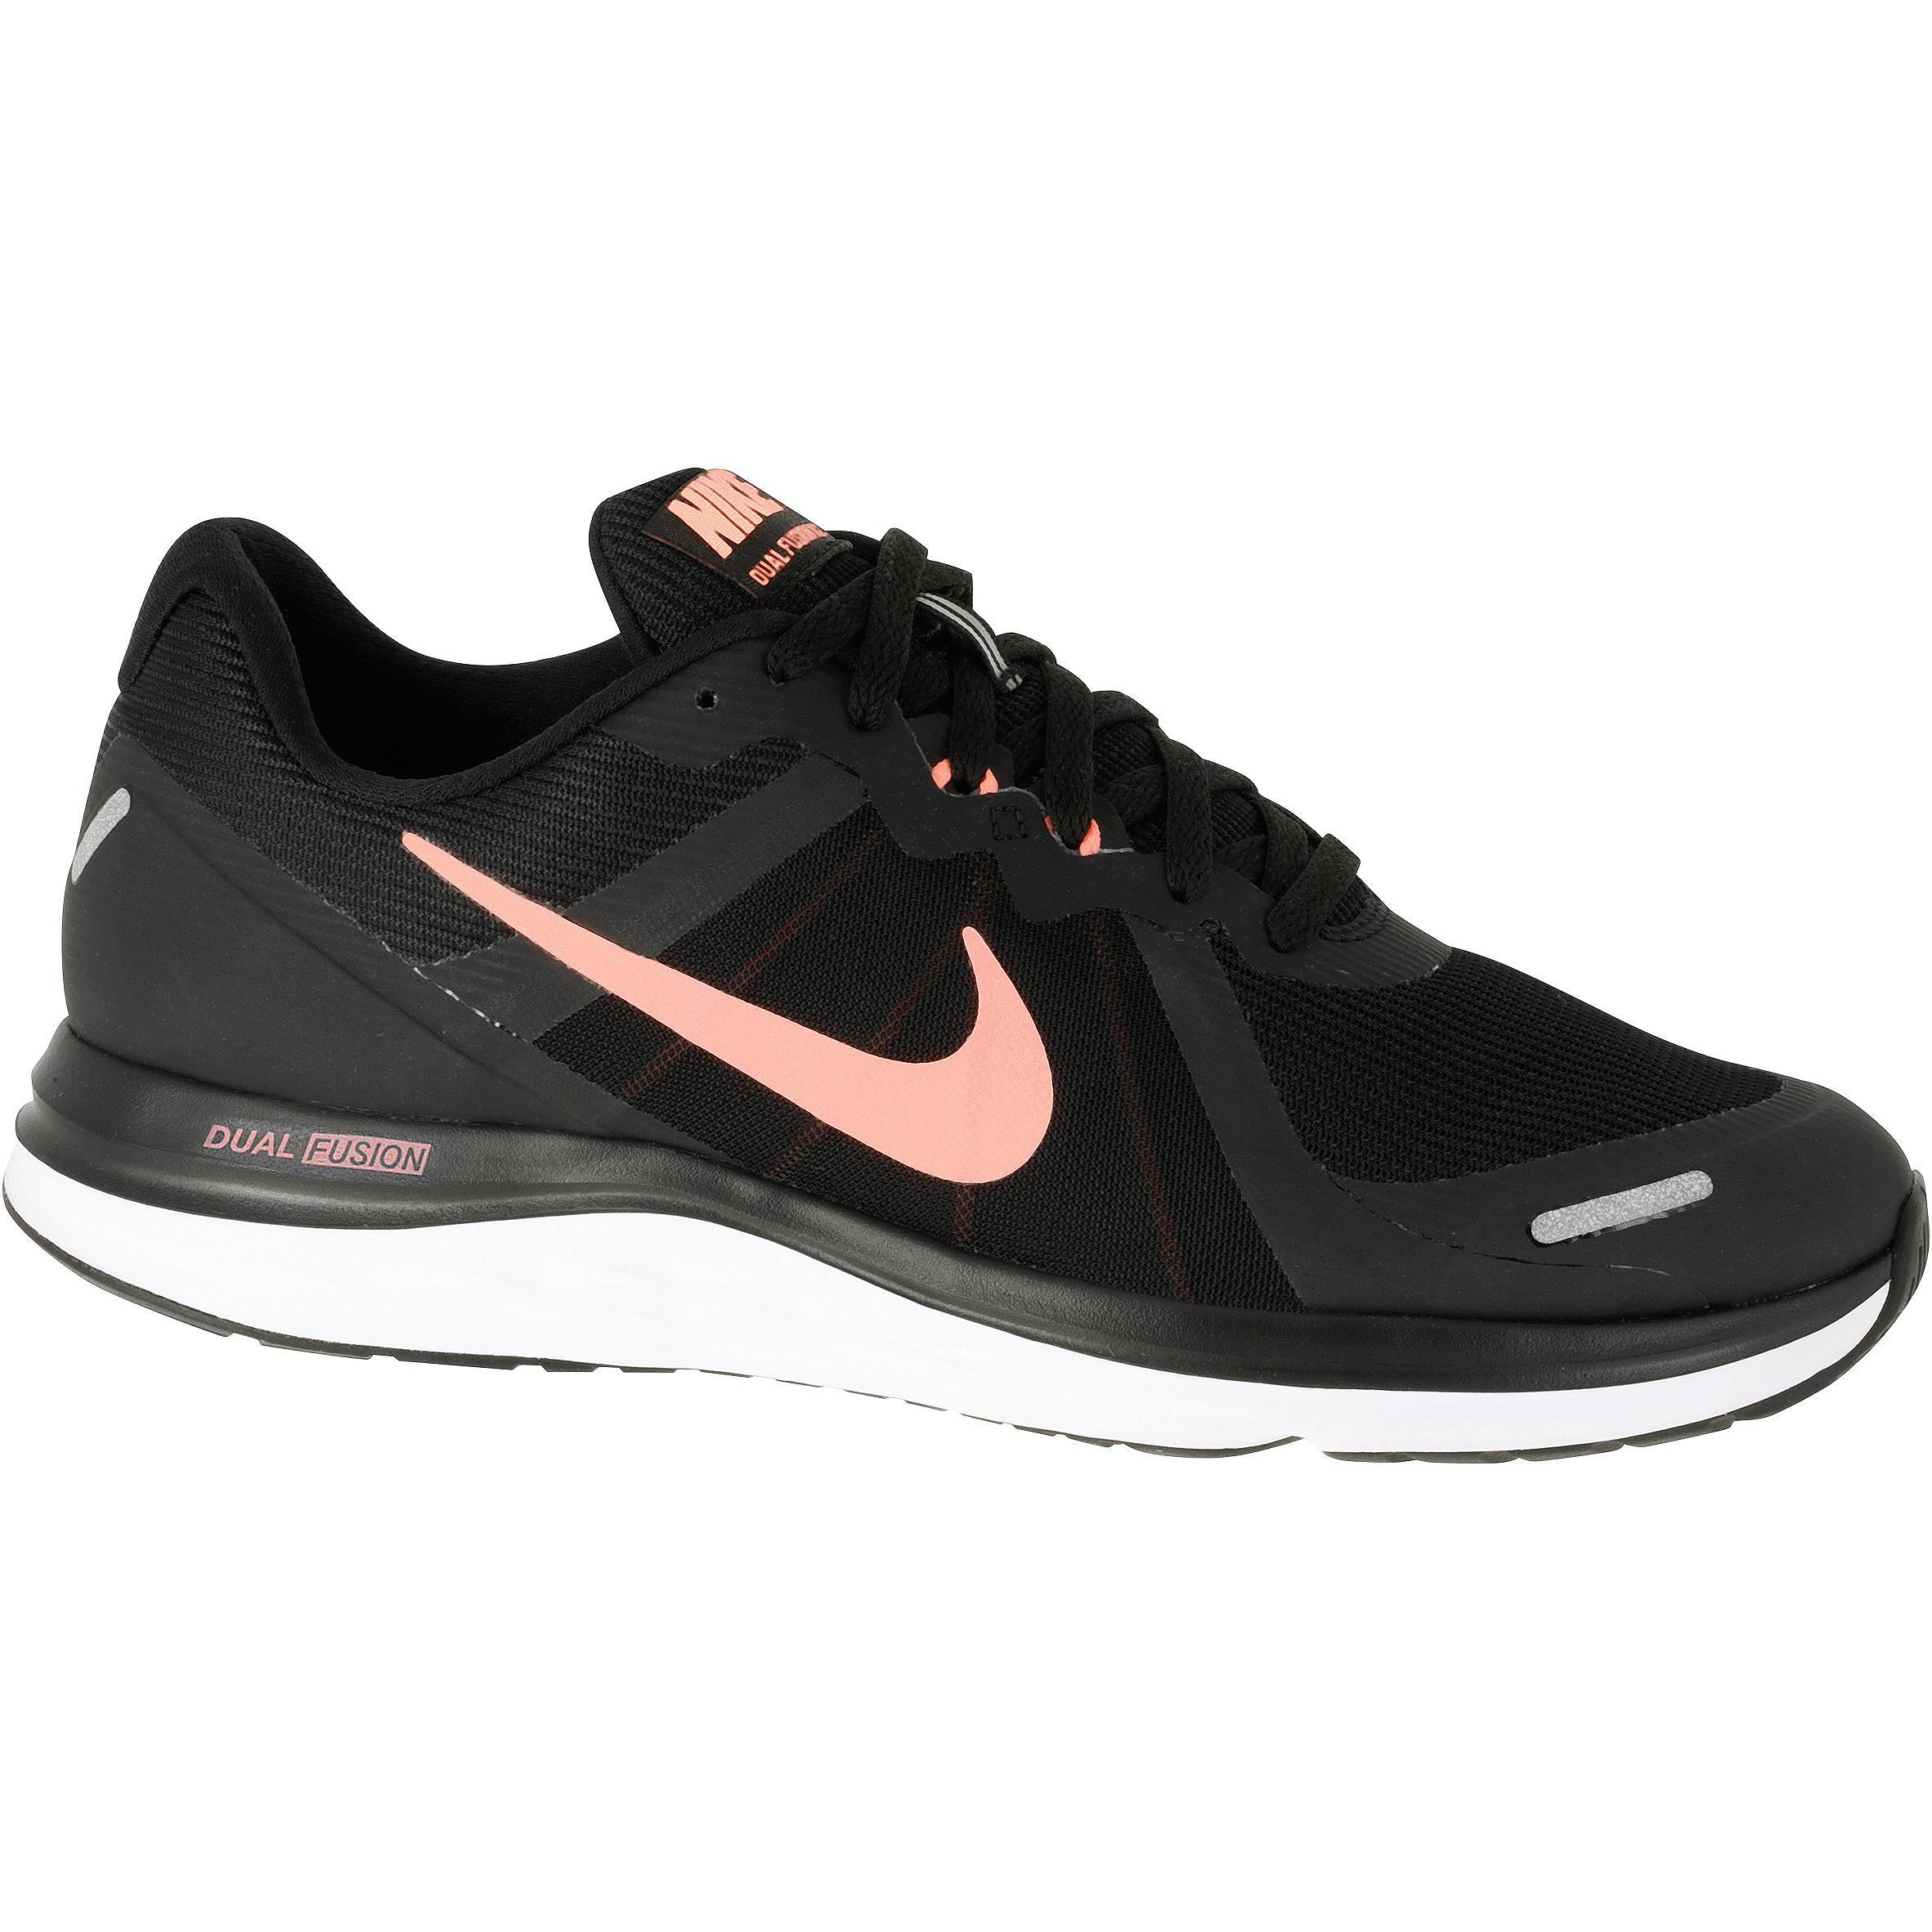 8d7dadbffdc Nike Loopschoenen voor dames Nike Dual Fusion X2 zwart kopen met voordeel